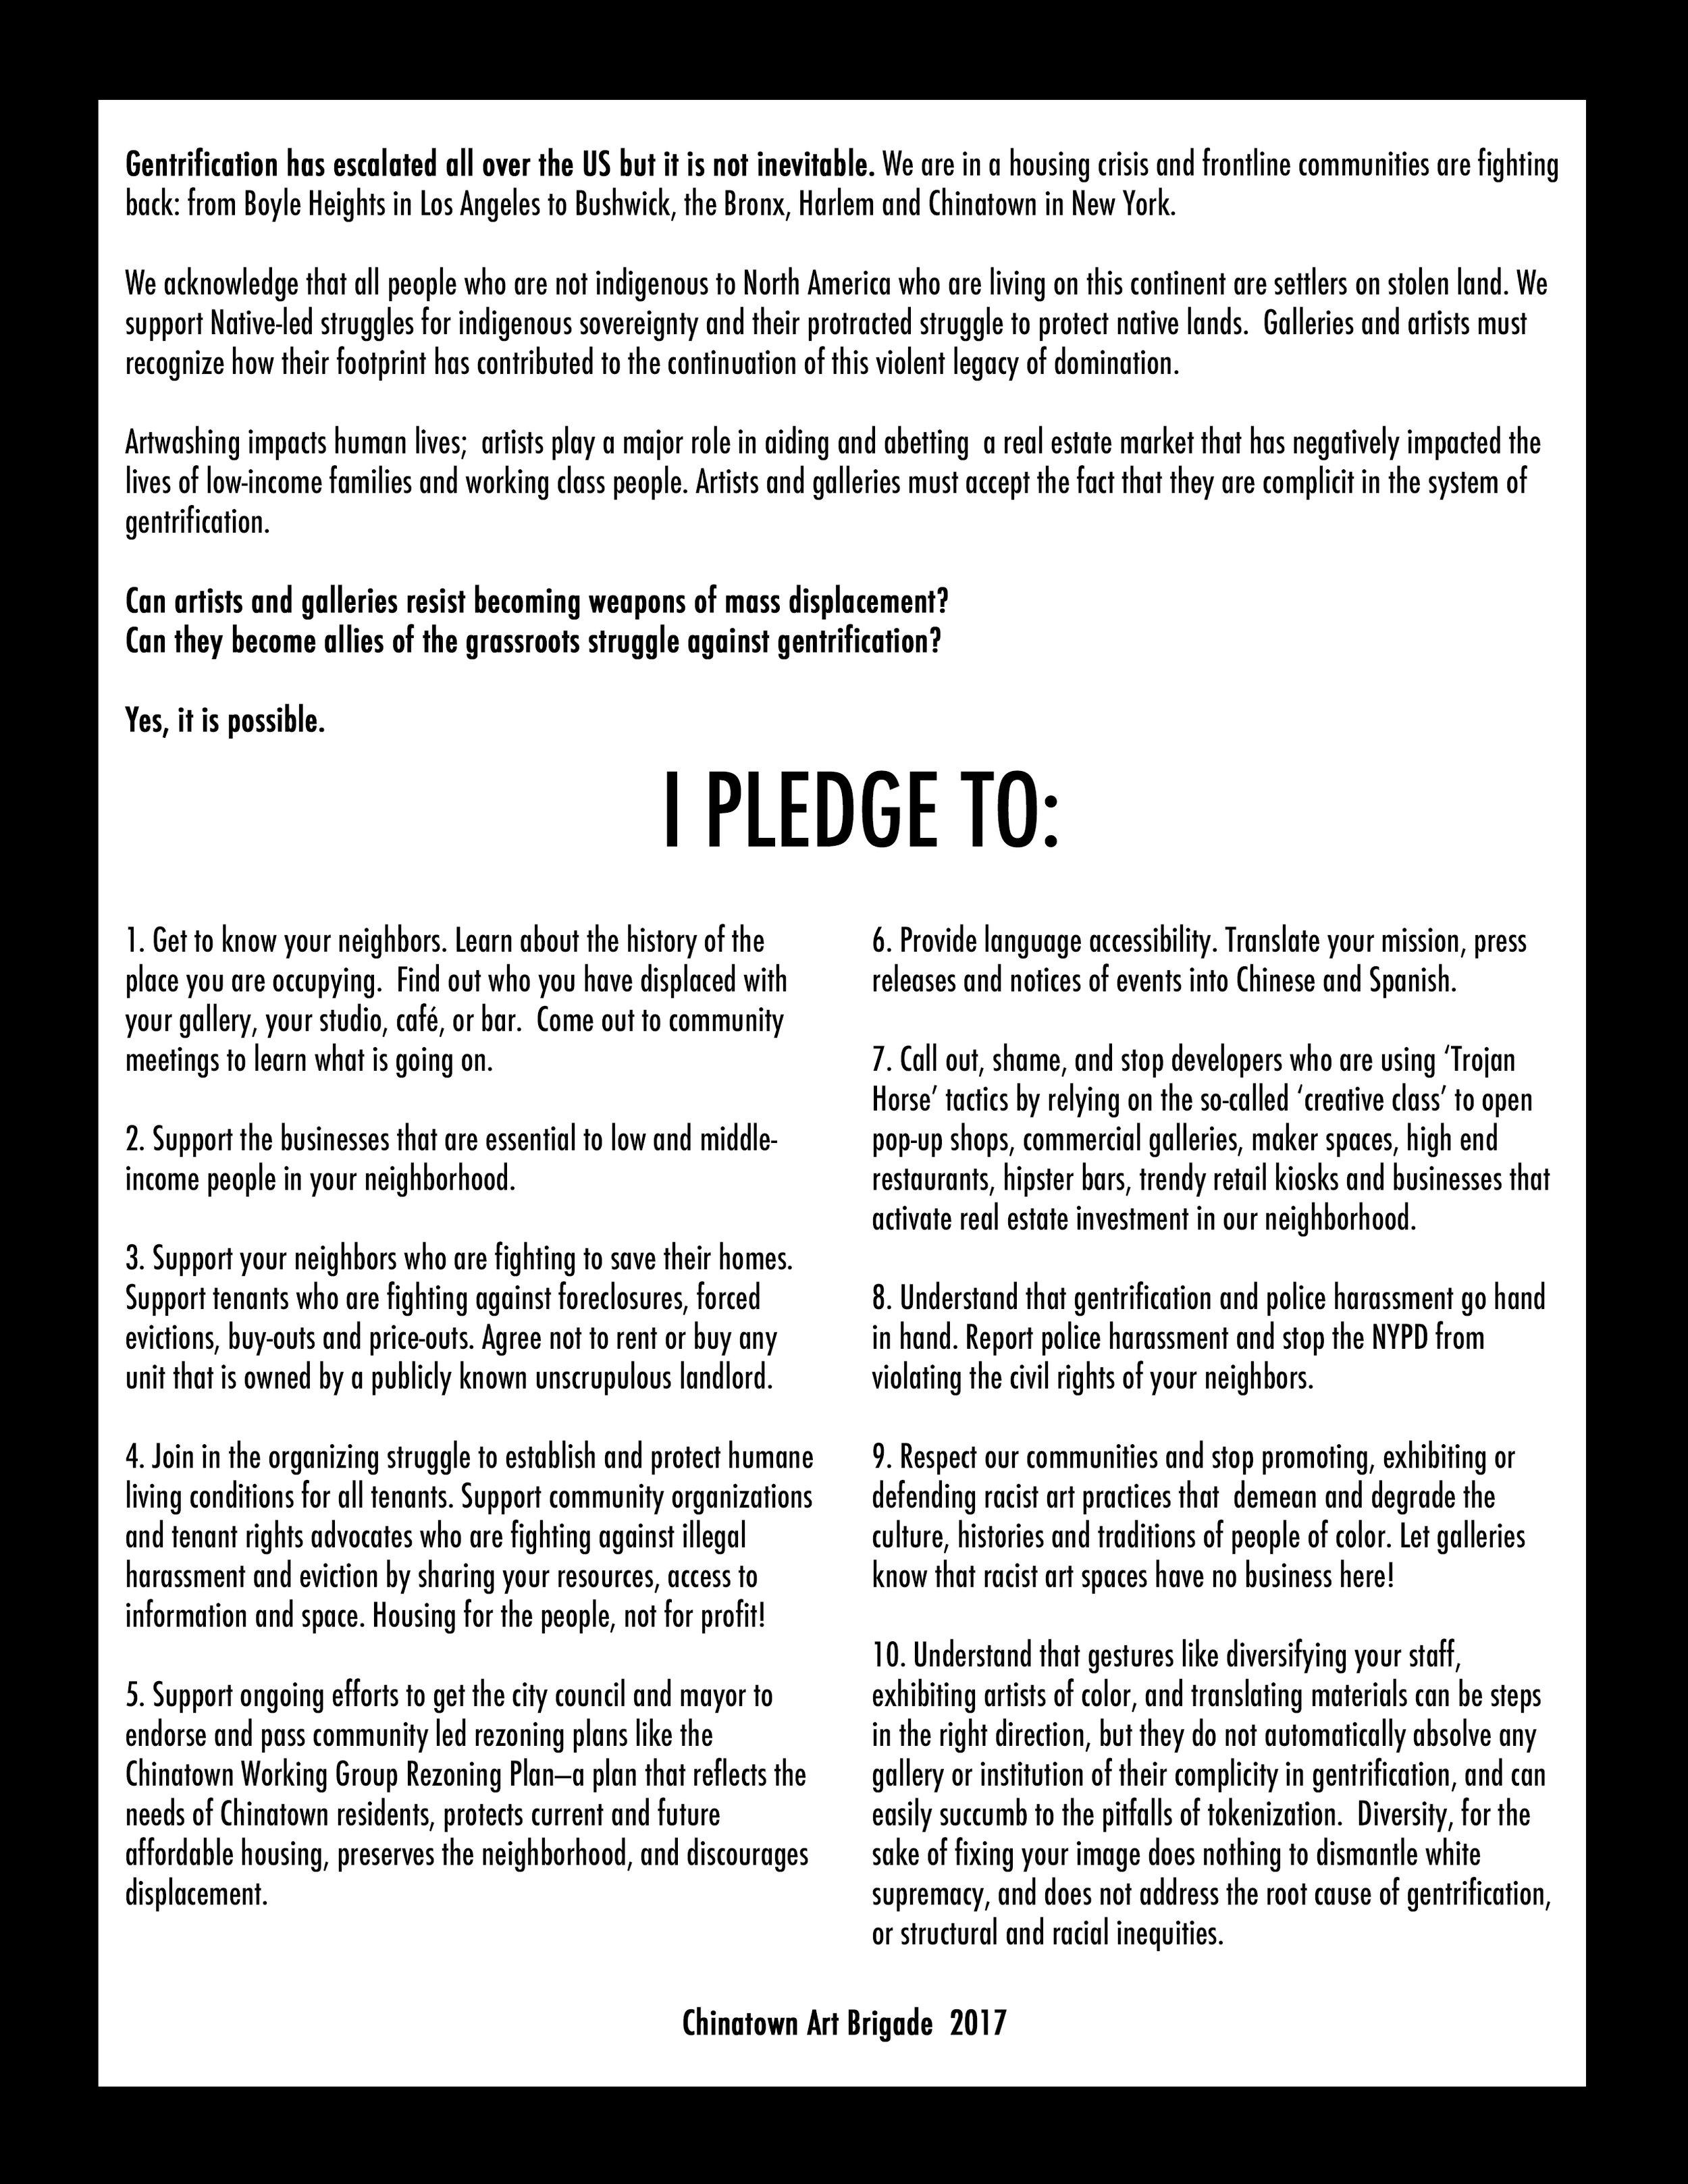 Copy of NewPledge.jpg